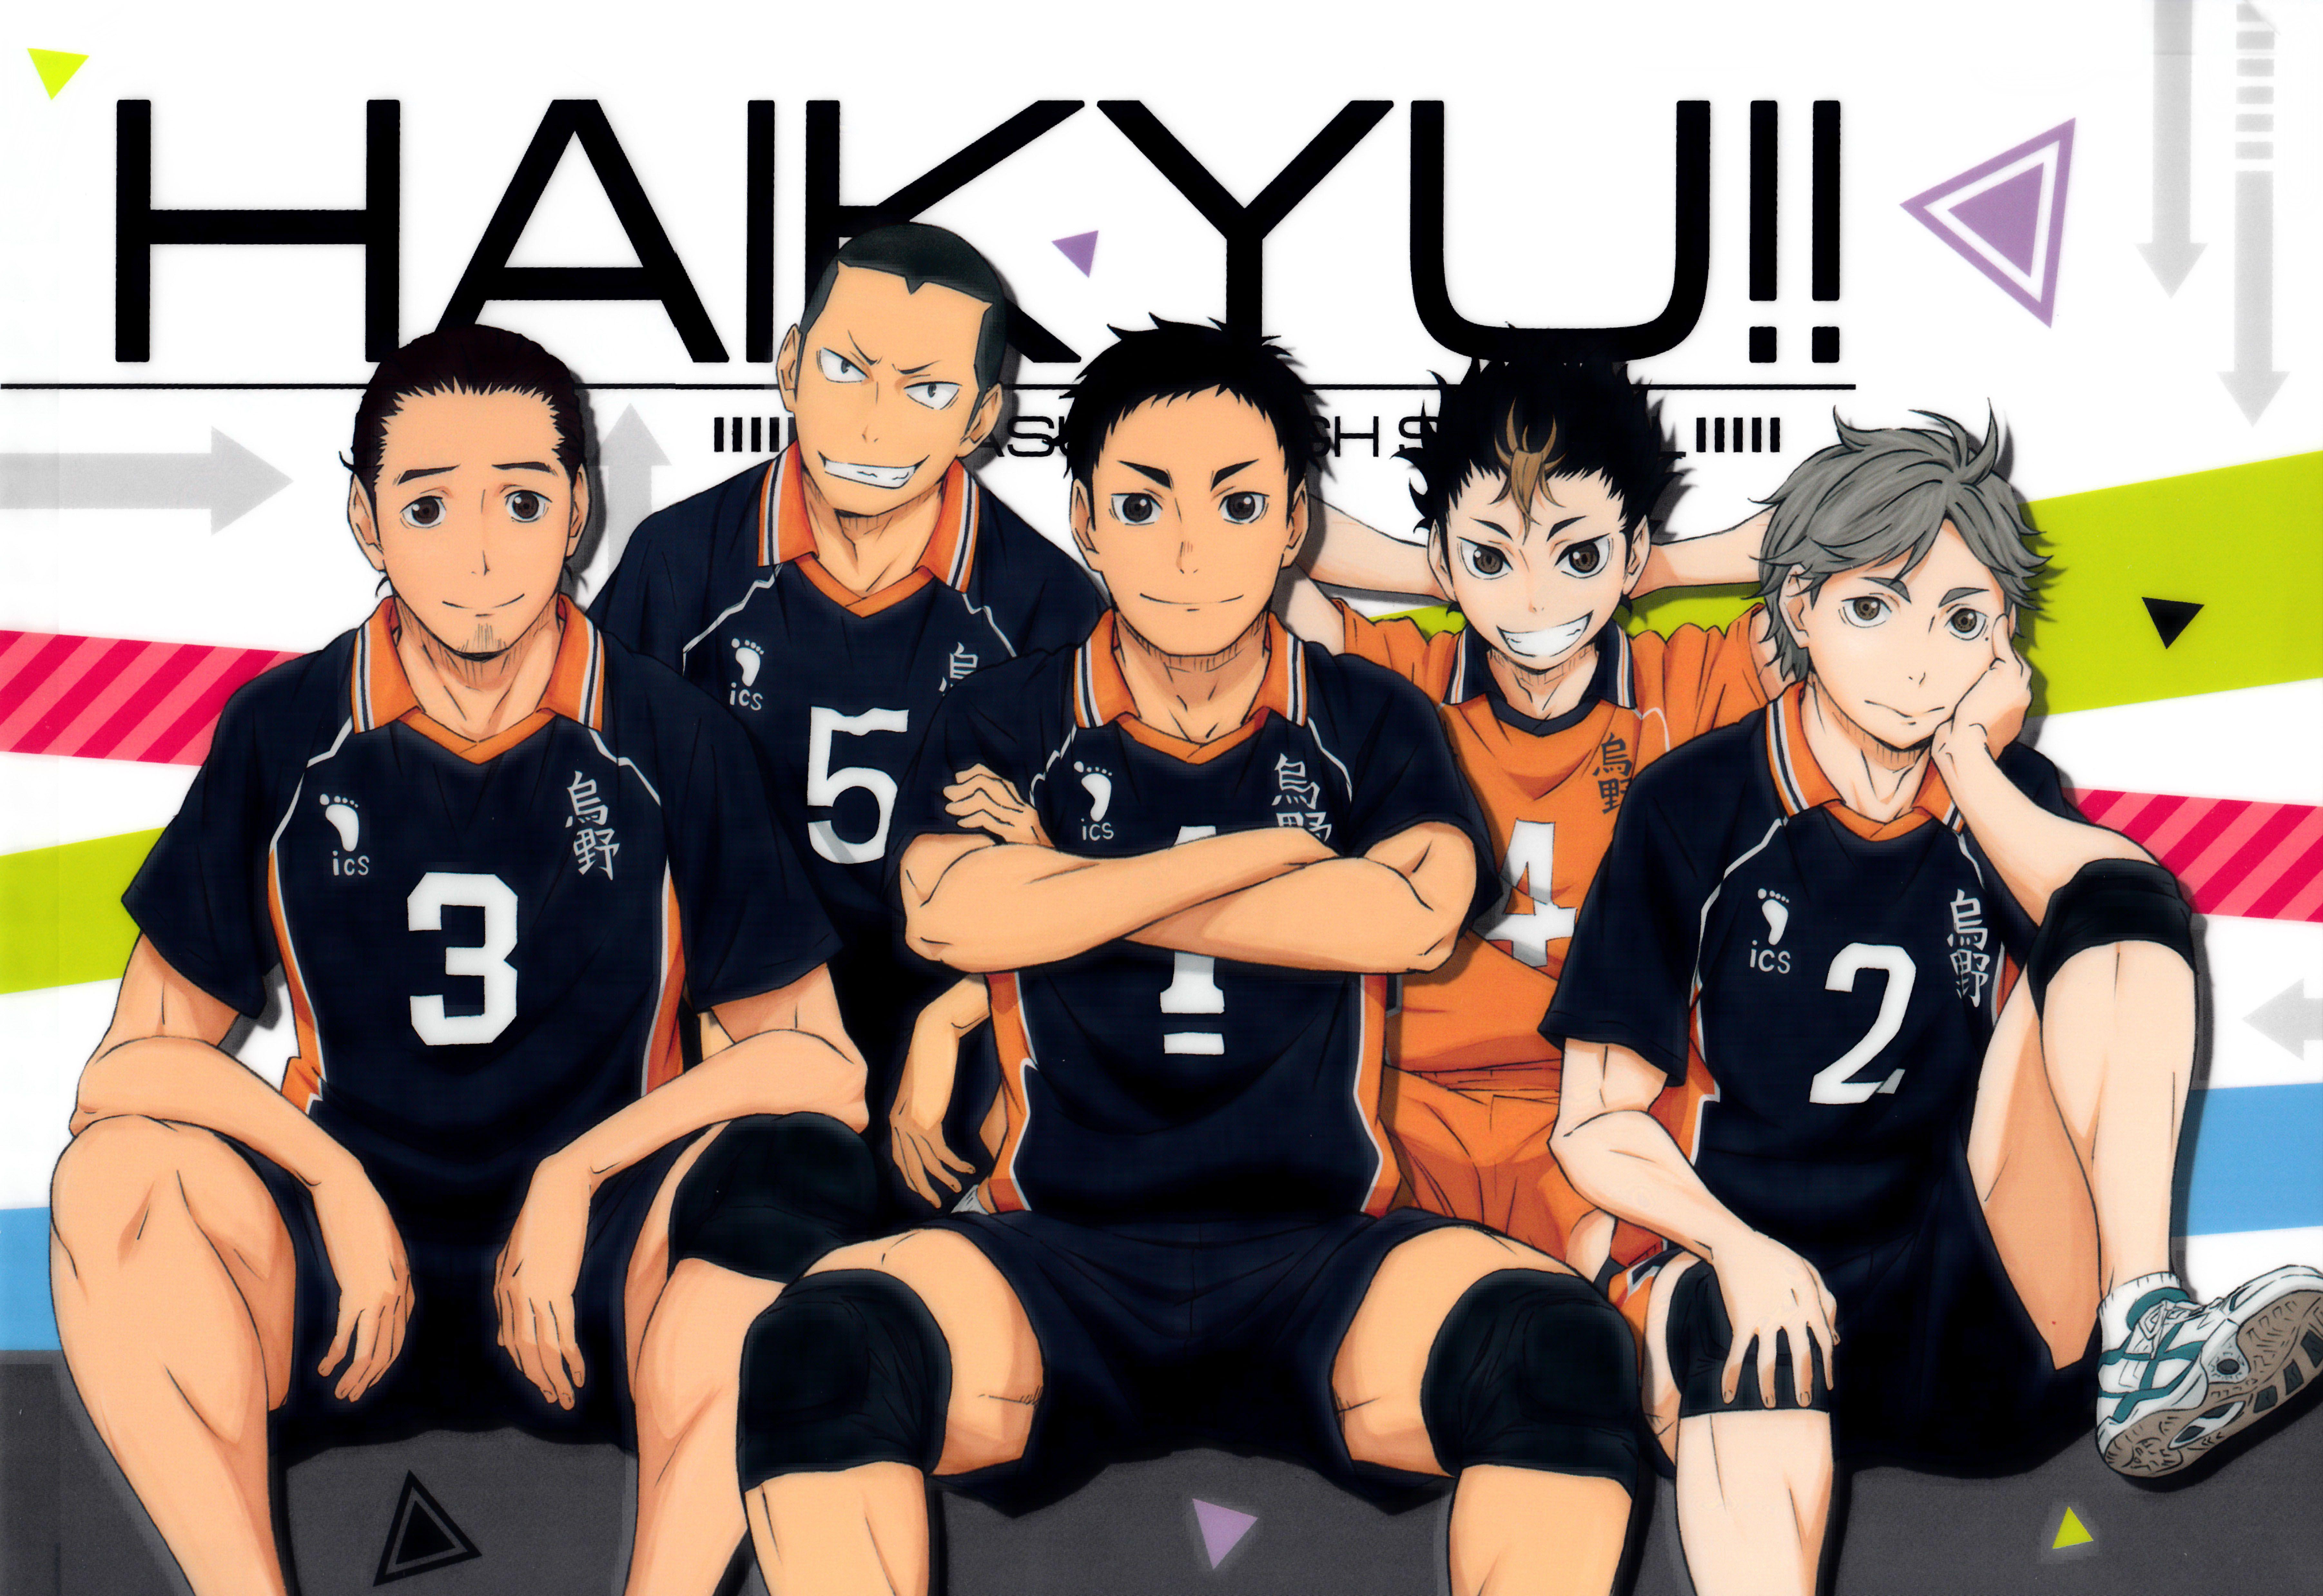 Pin By Phoenix On Haikyuu Haruichi Furudate Haikyuu Haikyuu Wallpaper Haikyuu Anime